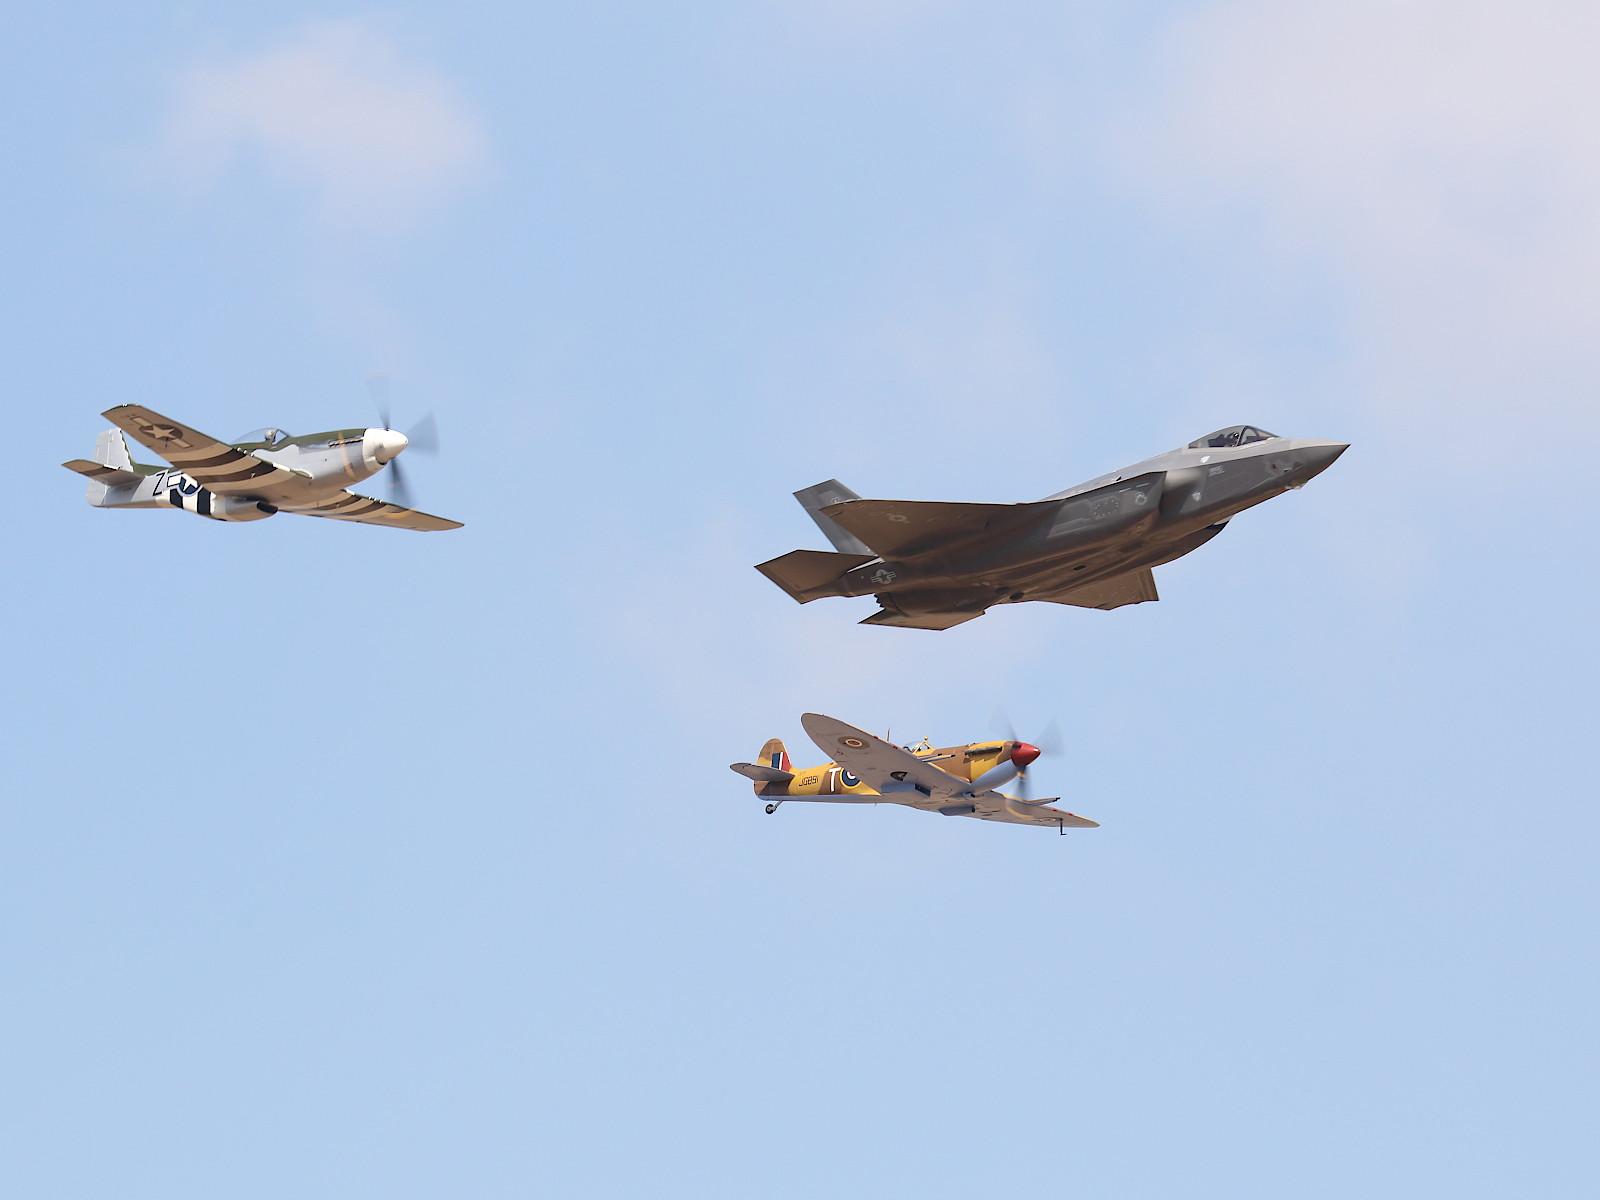 Lockheed Martin F-35A Lightning II 15-5127; North American P-51D Mustang 413305; Supermarine Spitfire Mk.Vc JG891 © Doppeladler.com